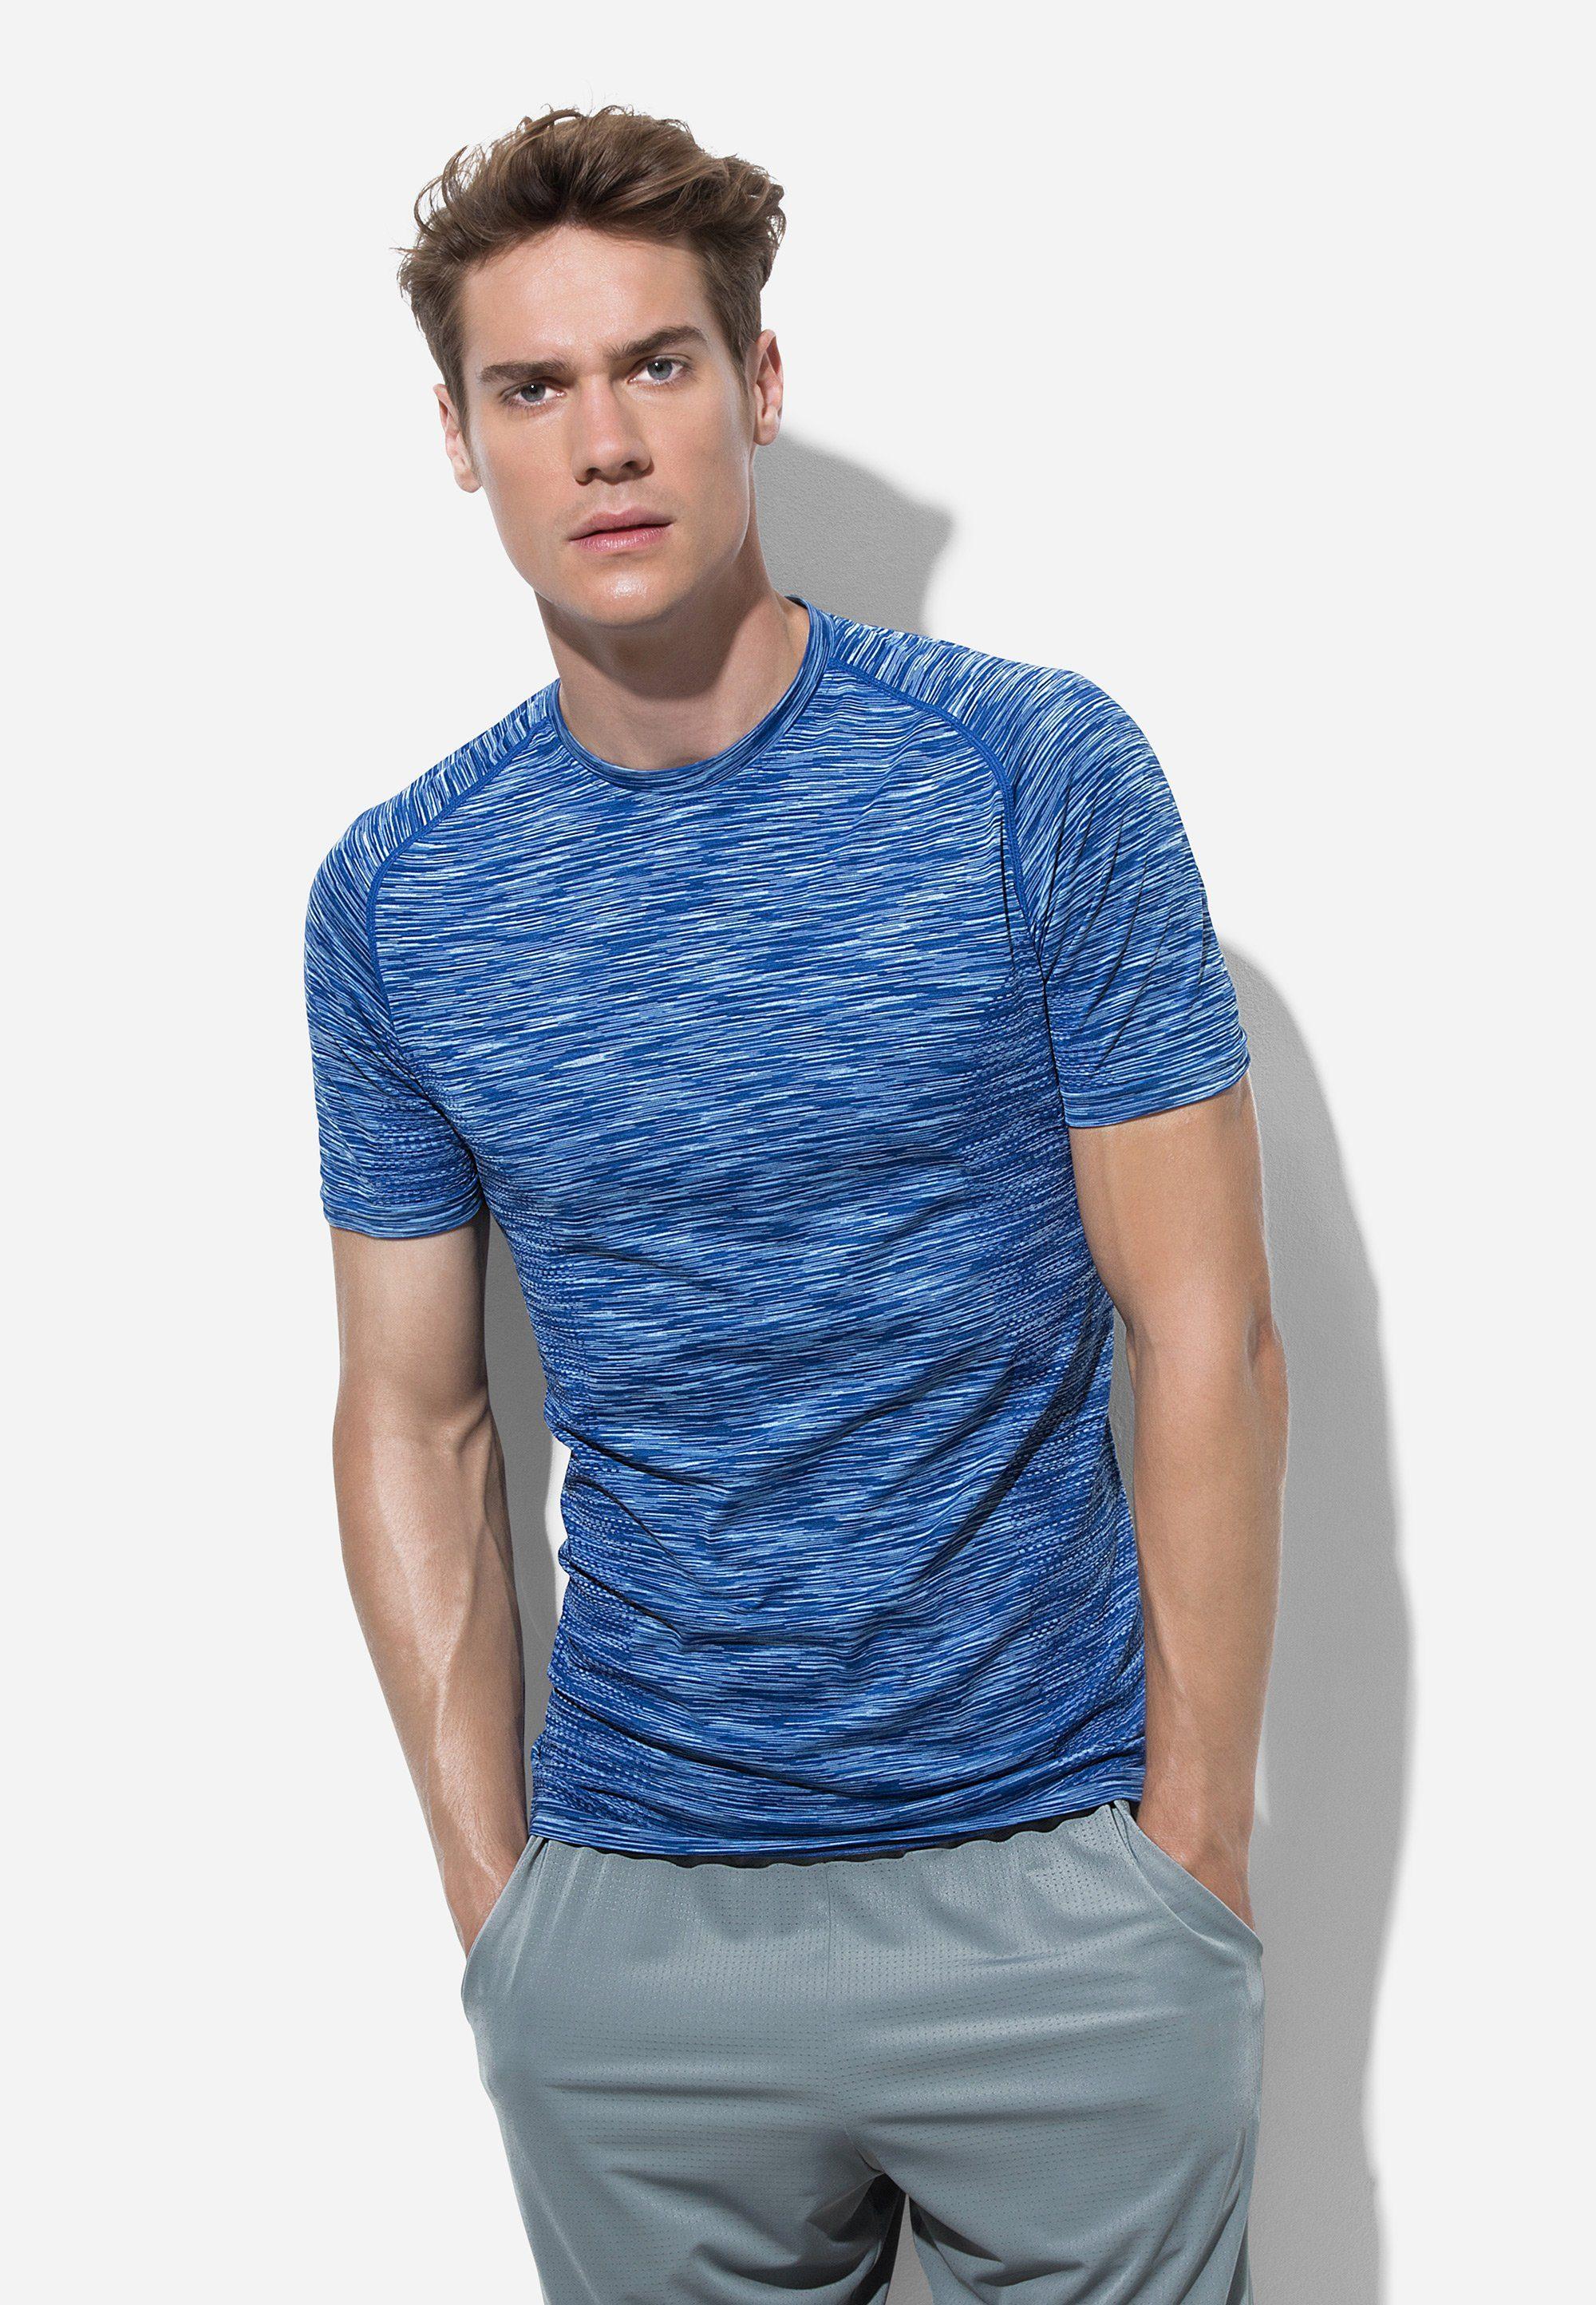 Stedman T-Shirt aus schnelltrocknendem Material